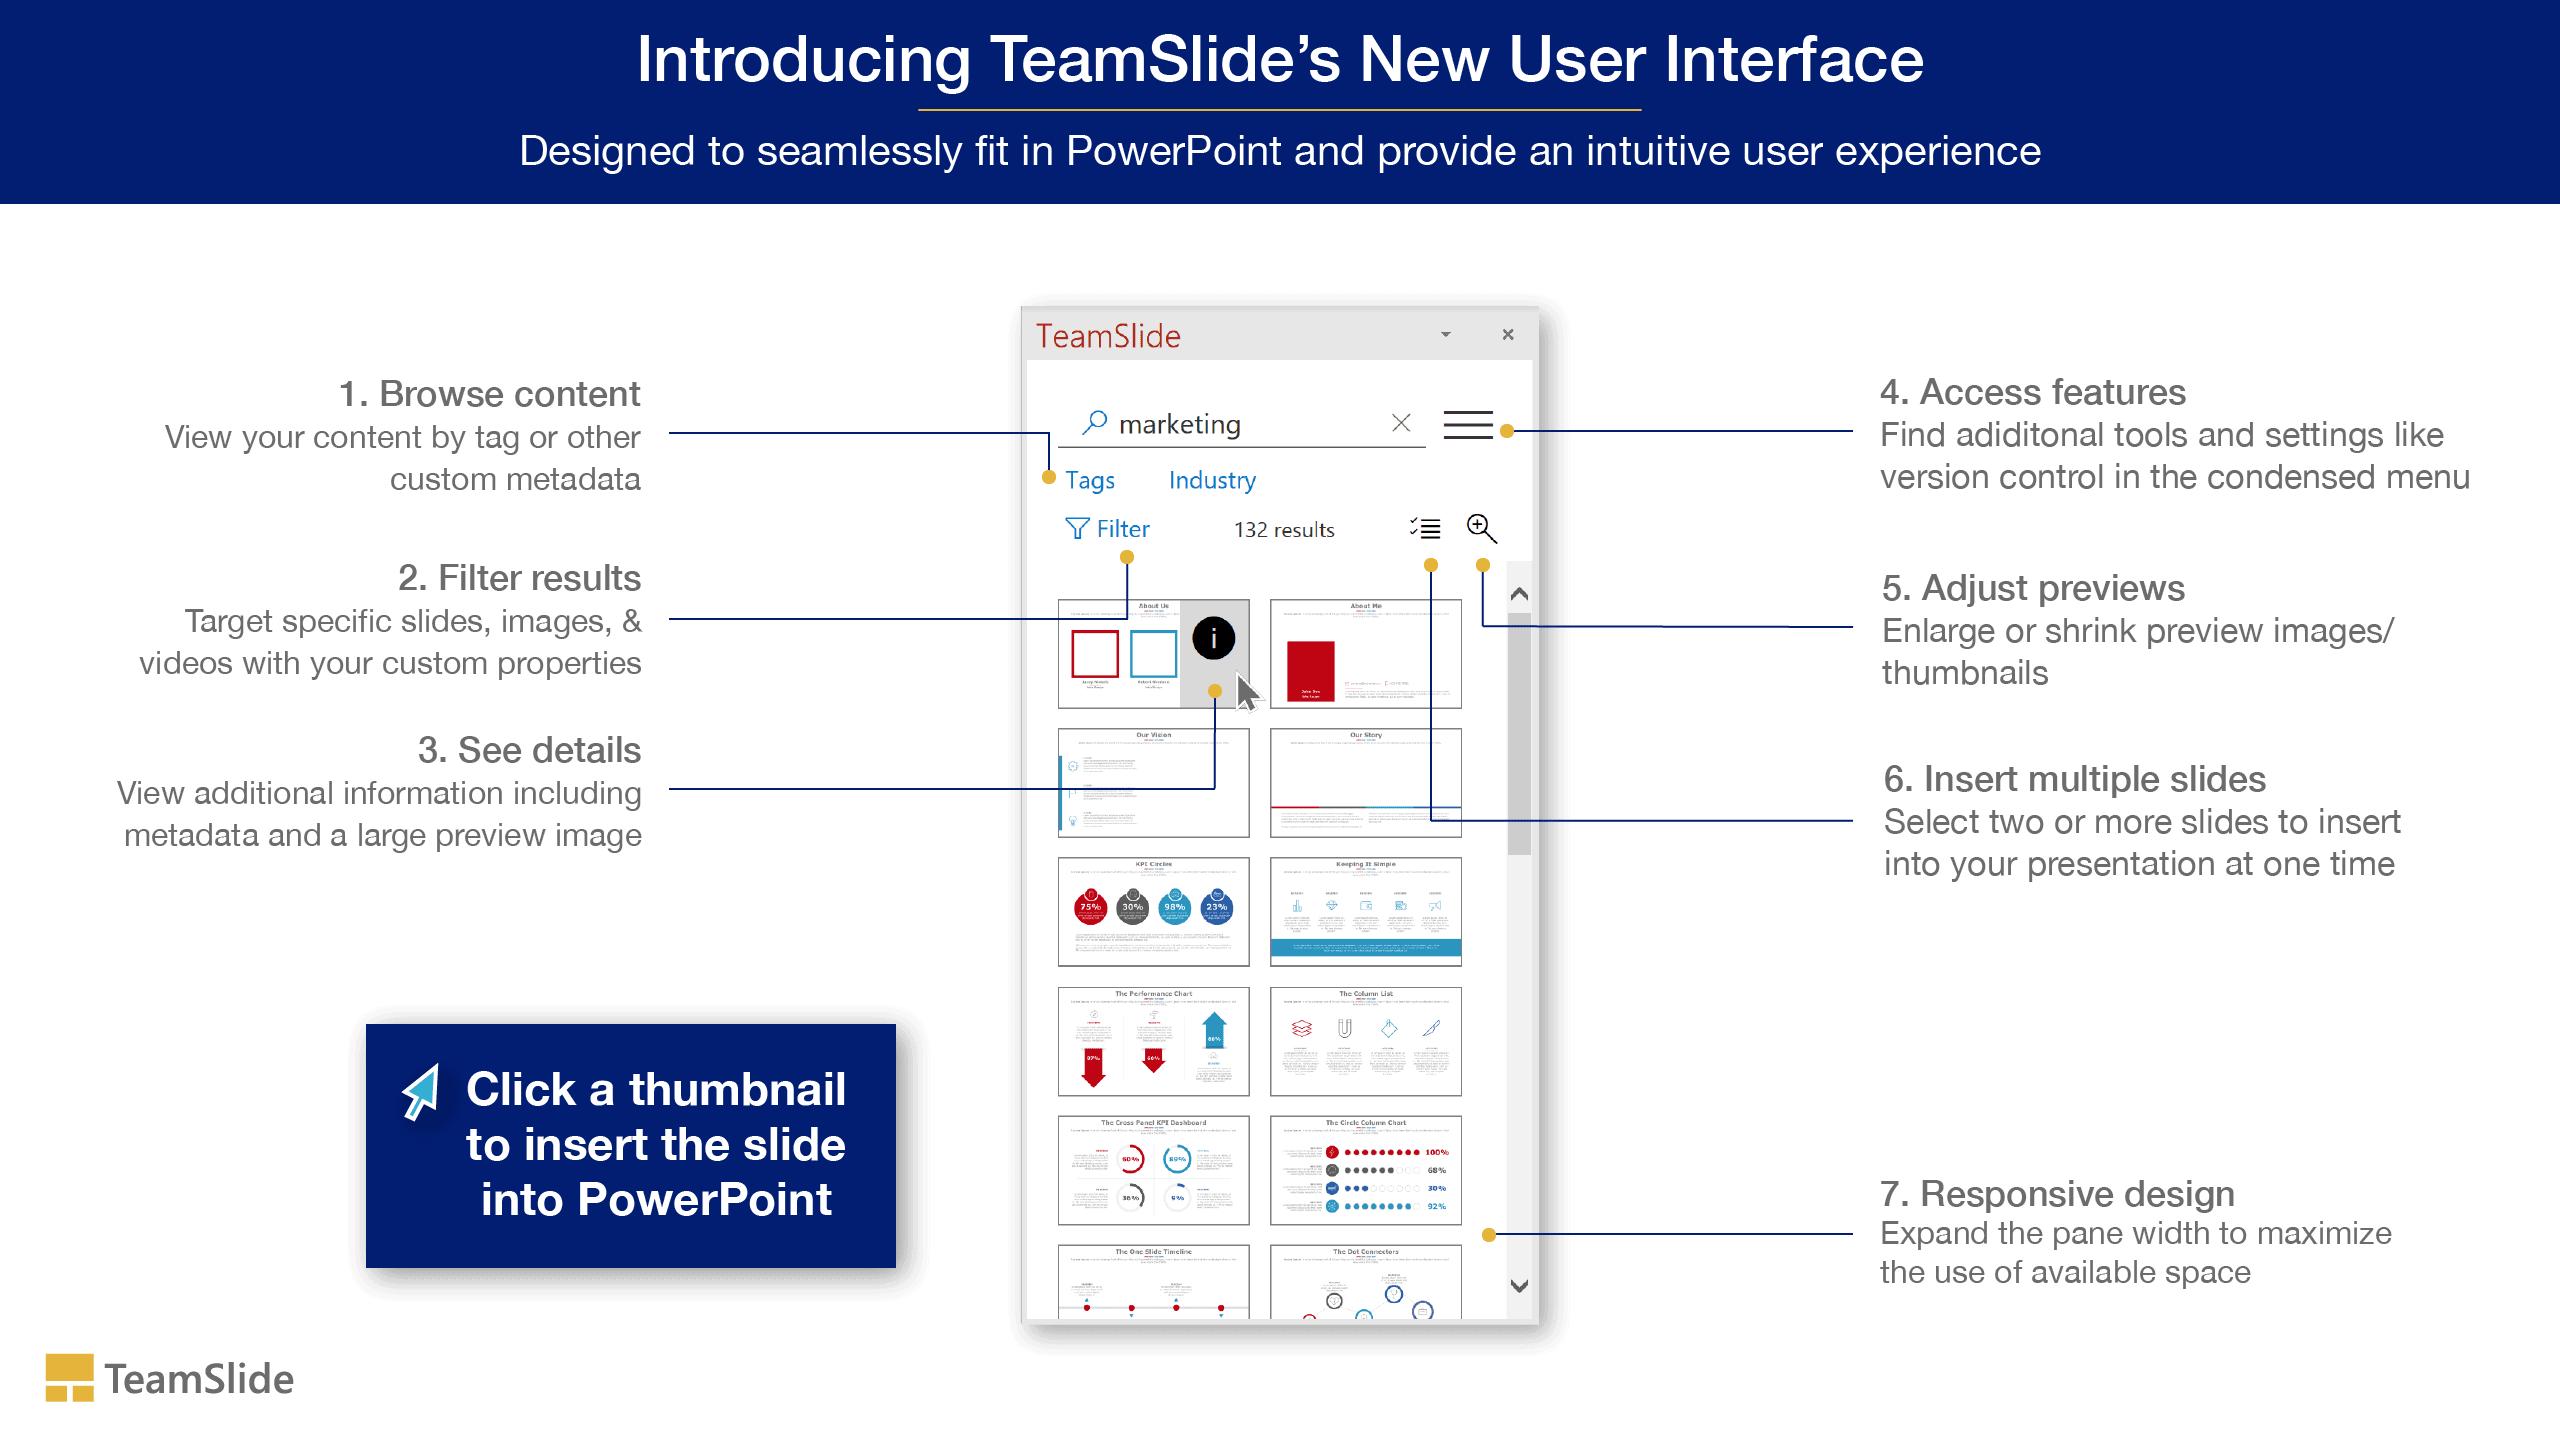 Introducing TeamSlide's new UI